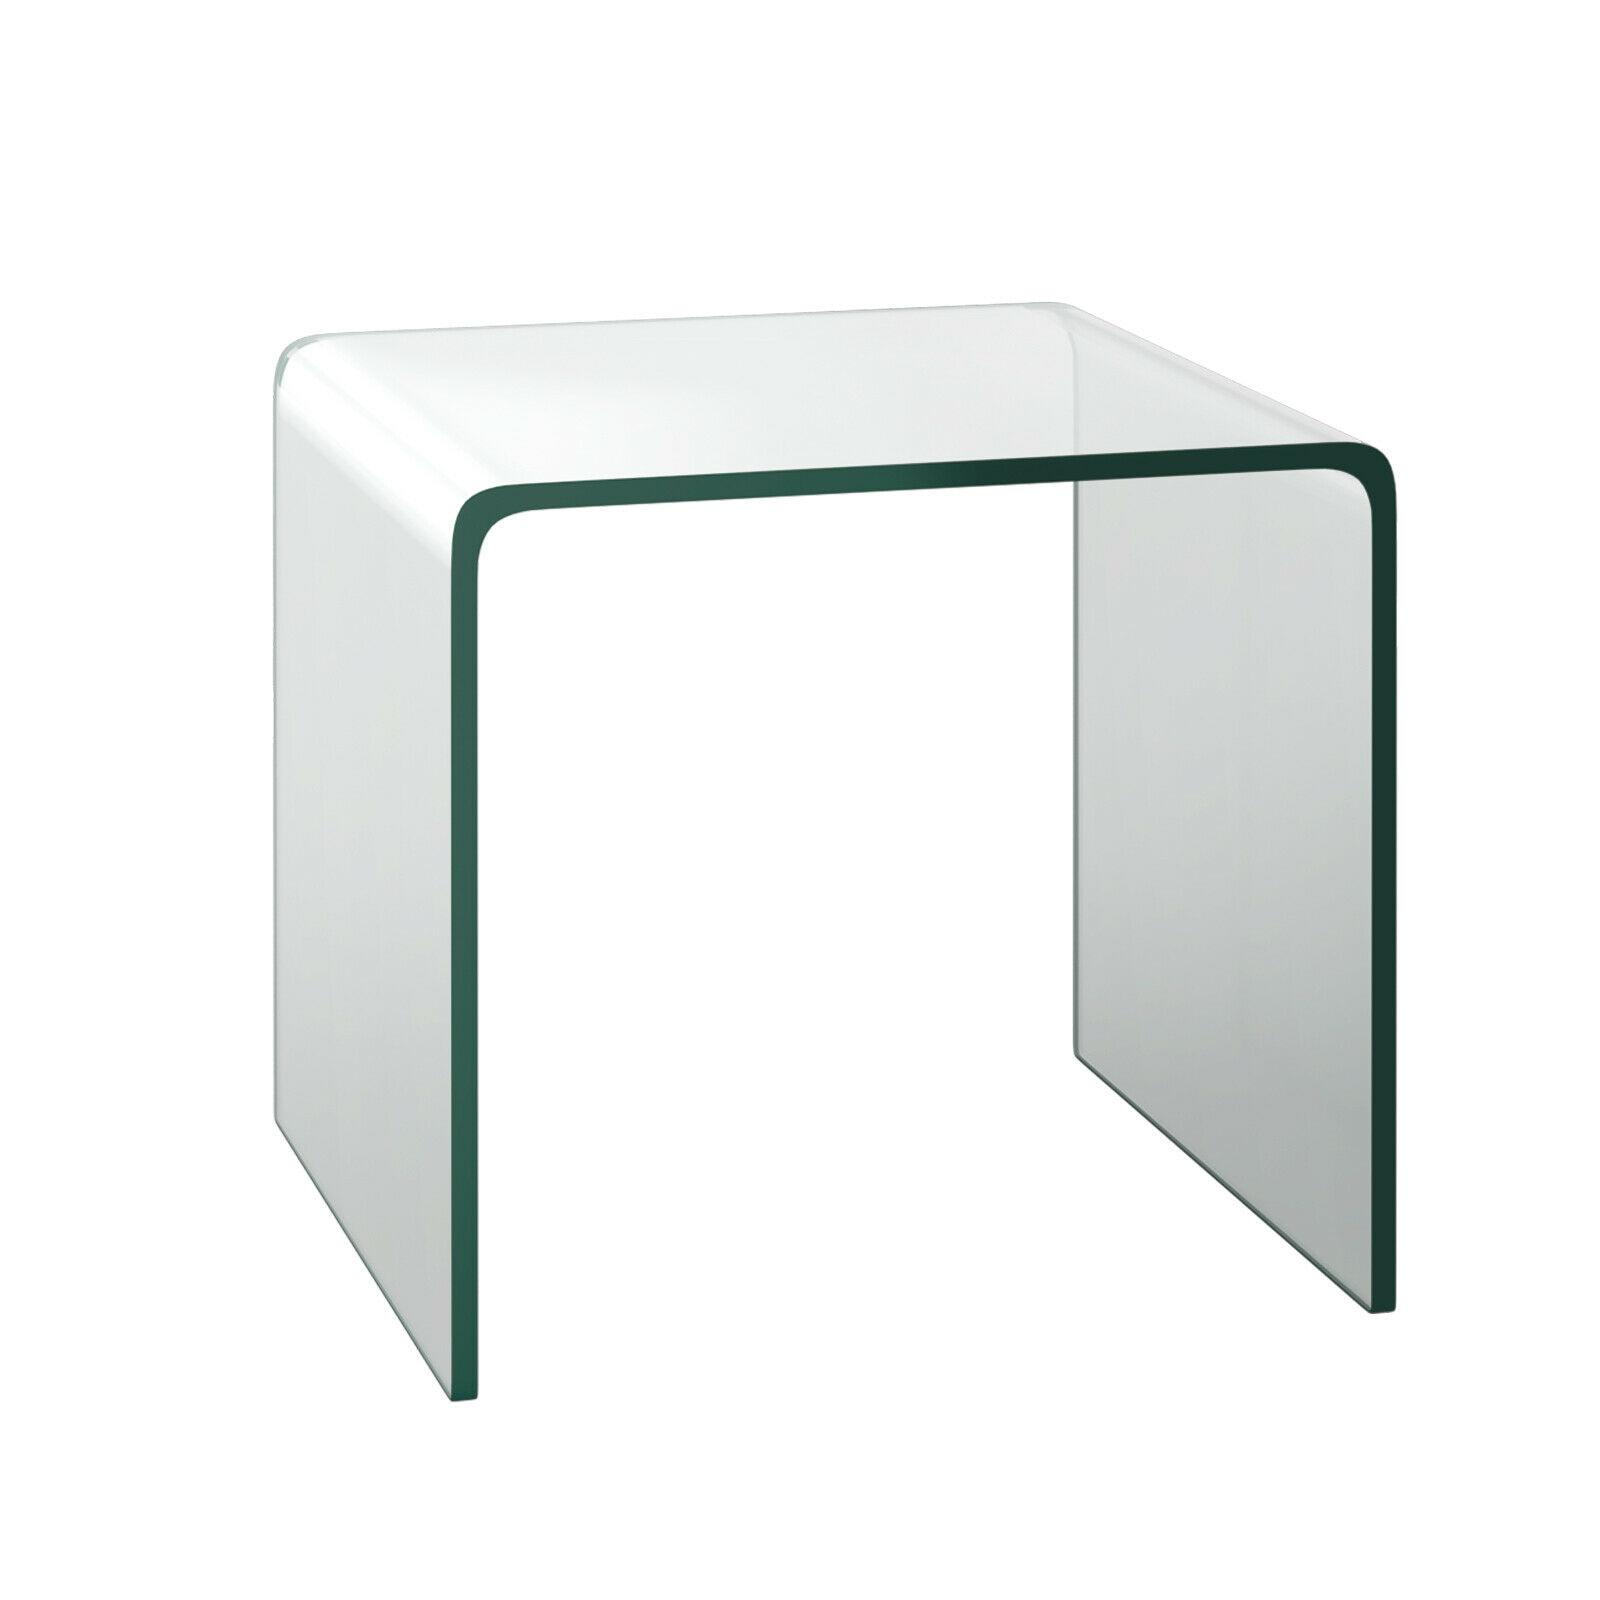 Costway خفف من الزجاج نهاية الجدول شفافة أريكة الجانب لهجة غرفة المعيشة HW66957